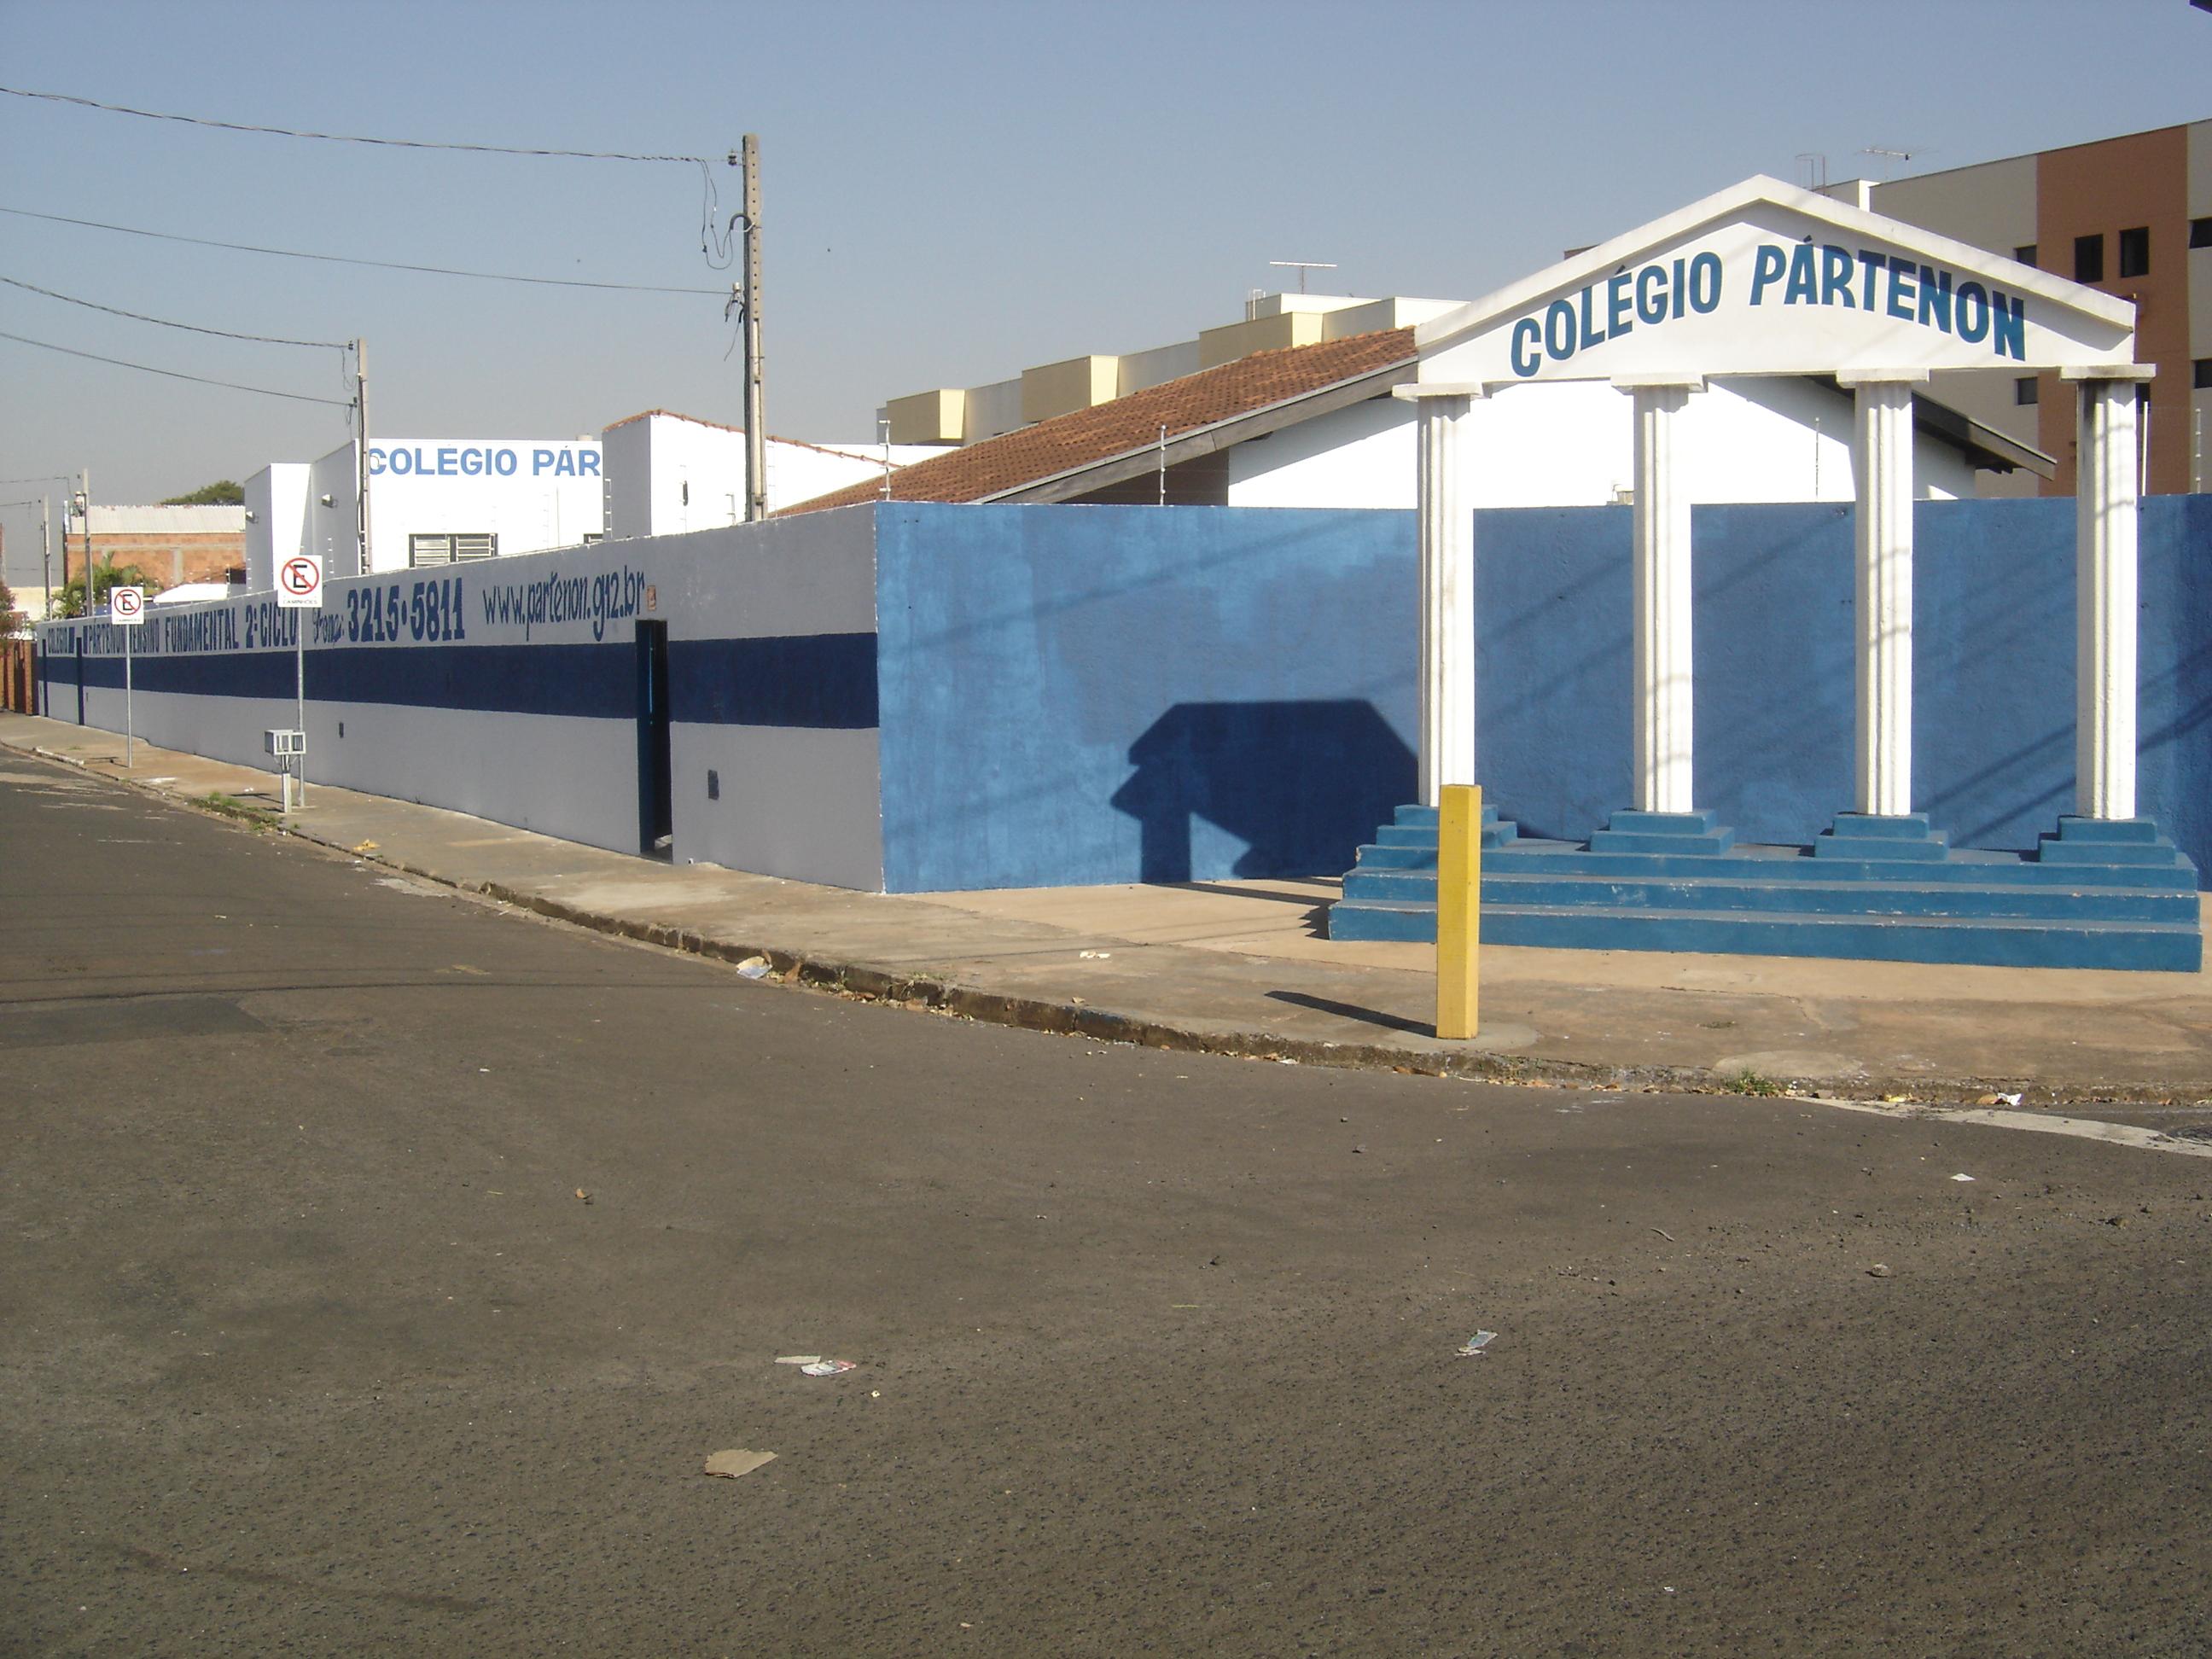 Escola PARTENON COLEGIO - em JARDIM ALTO ALEGRE, SAO JOSE DO RIO PRETO, SP